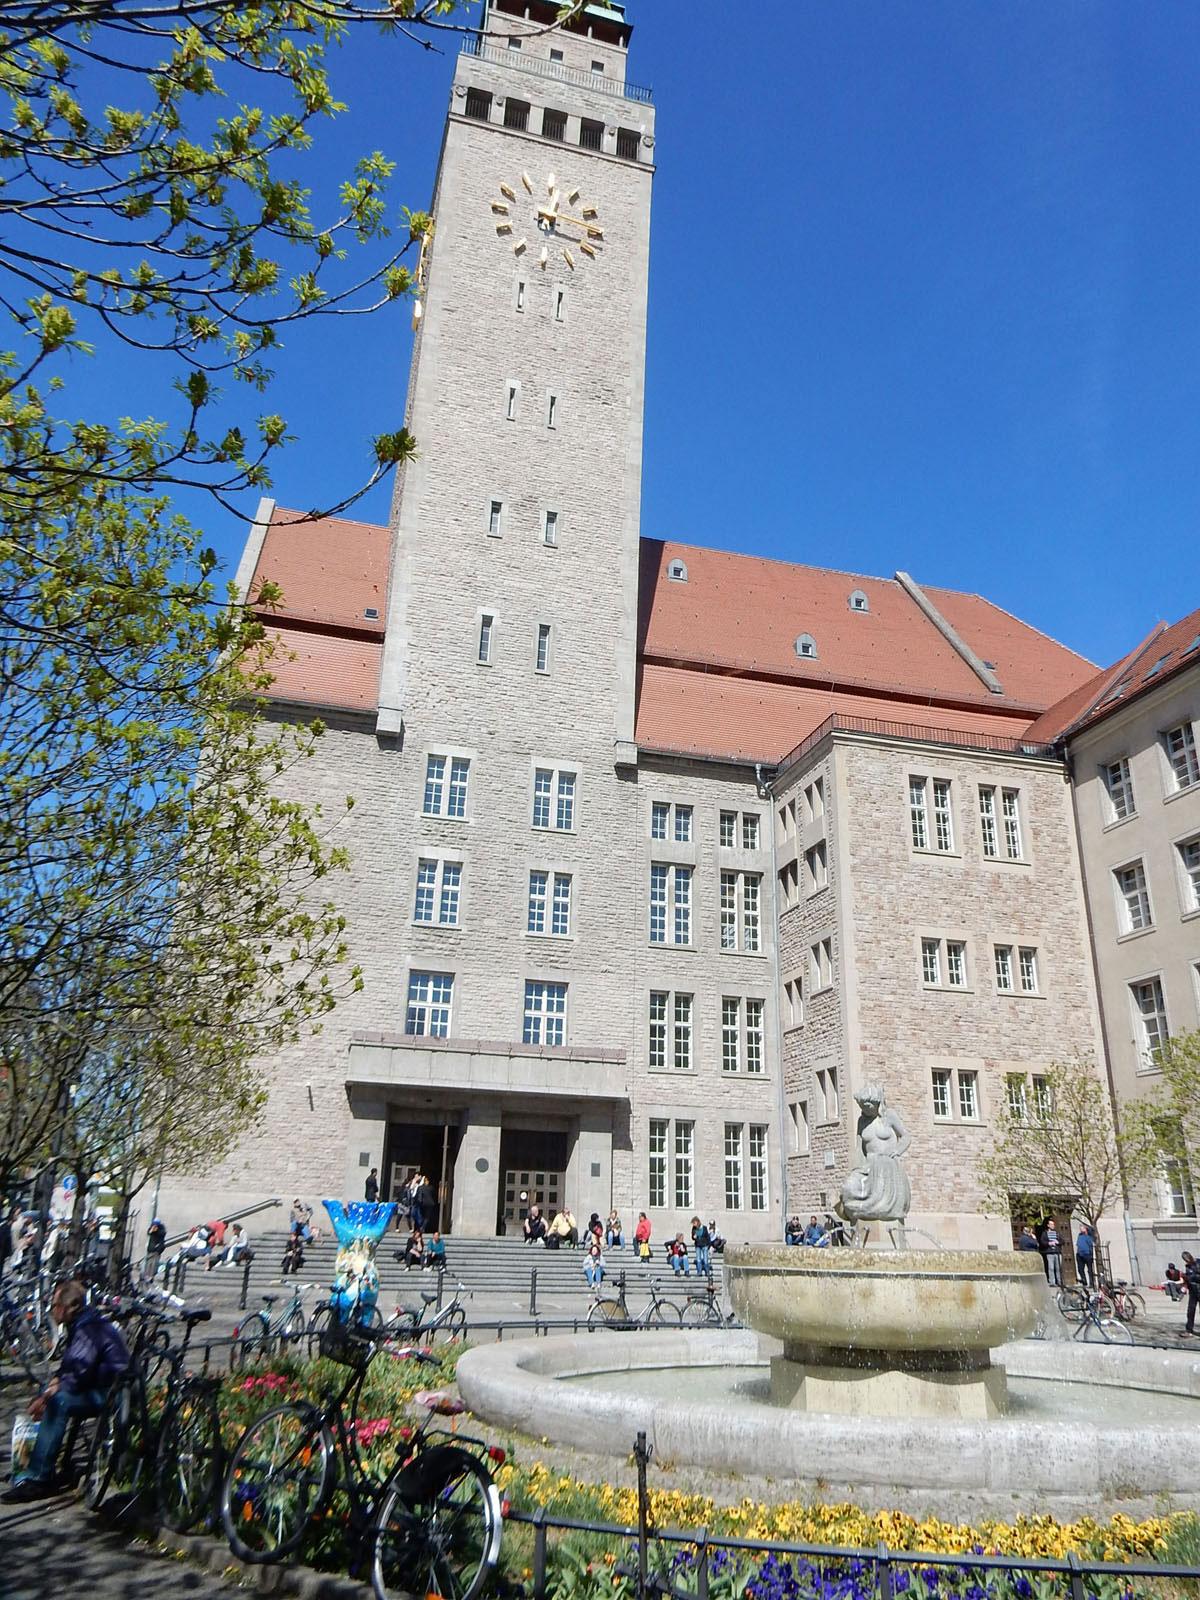 Radtour Berlin Neukölln - Rathaus Neukölln